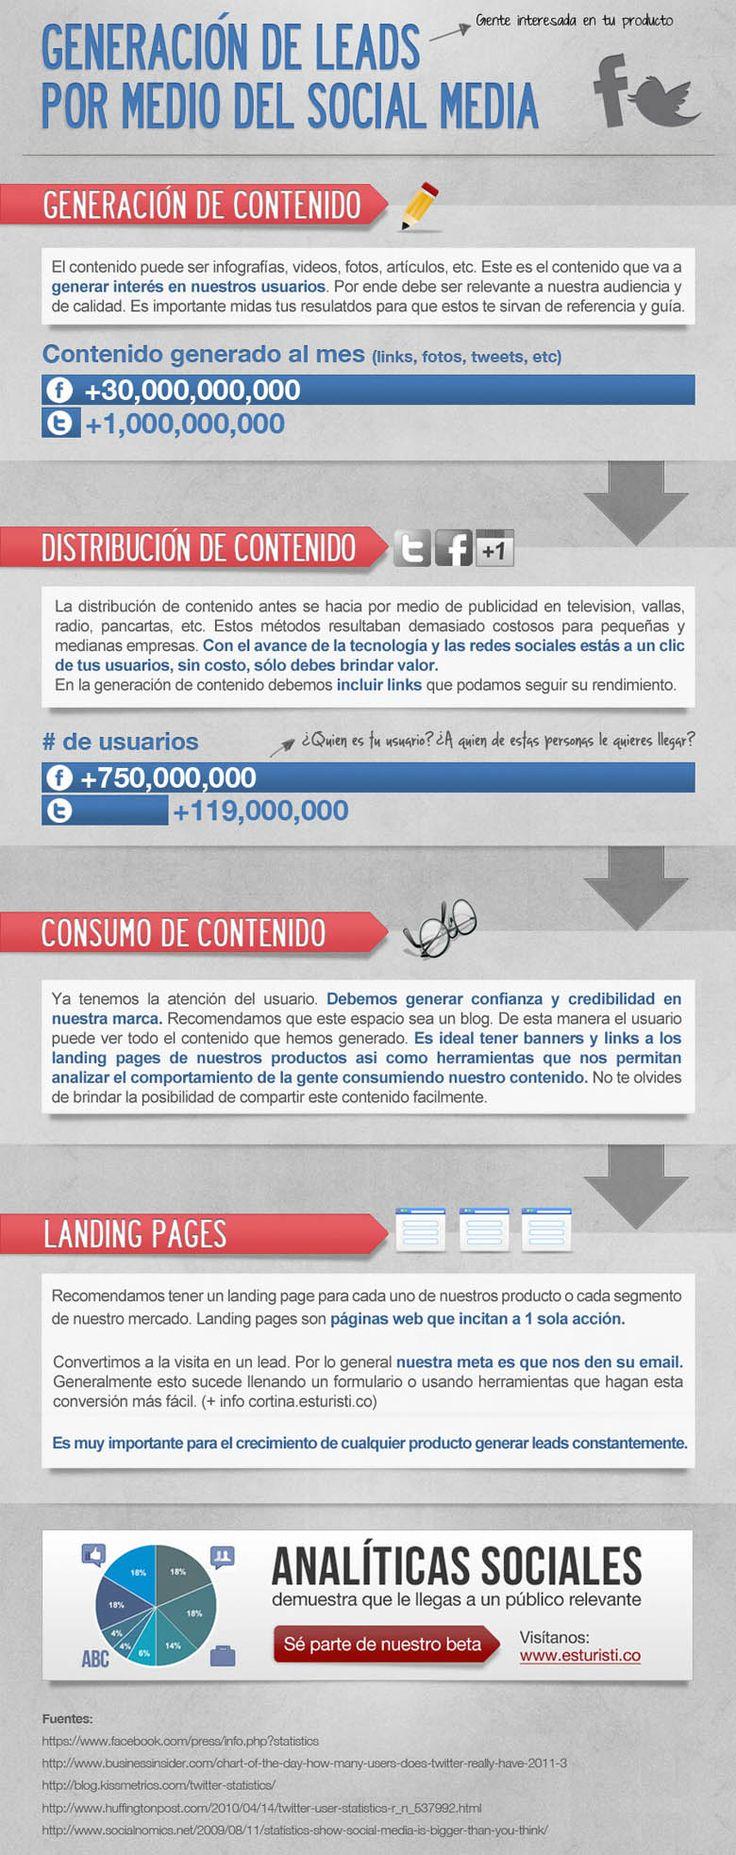 Infografía en español que muestra la generación de gente interesada en tu producto por medio del Social Media